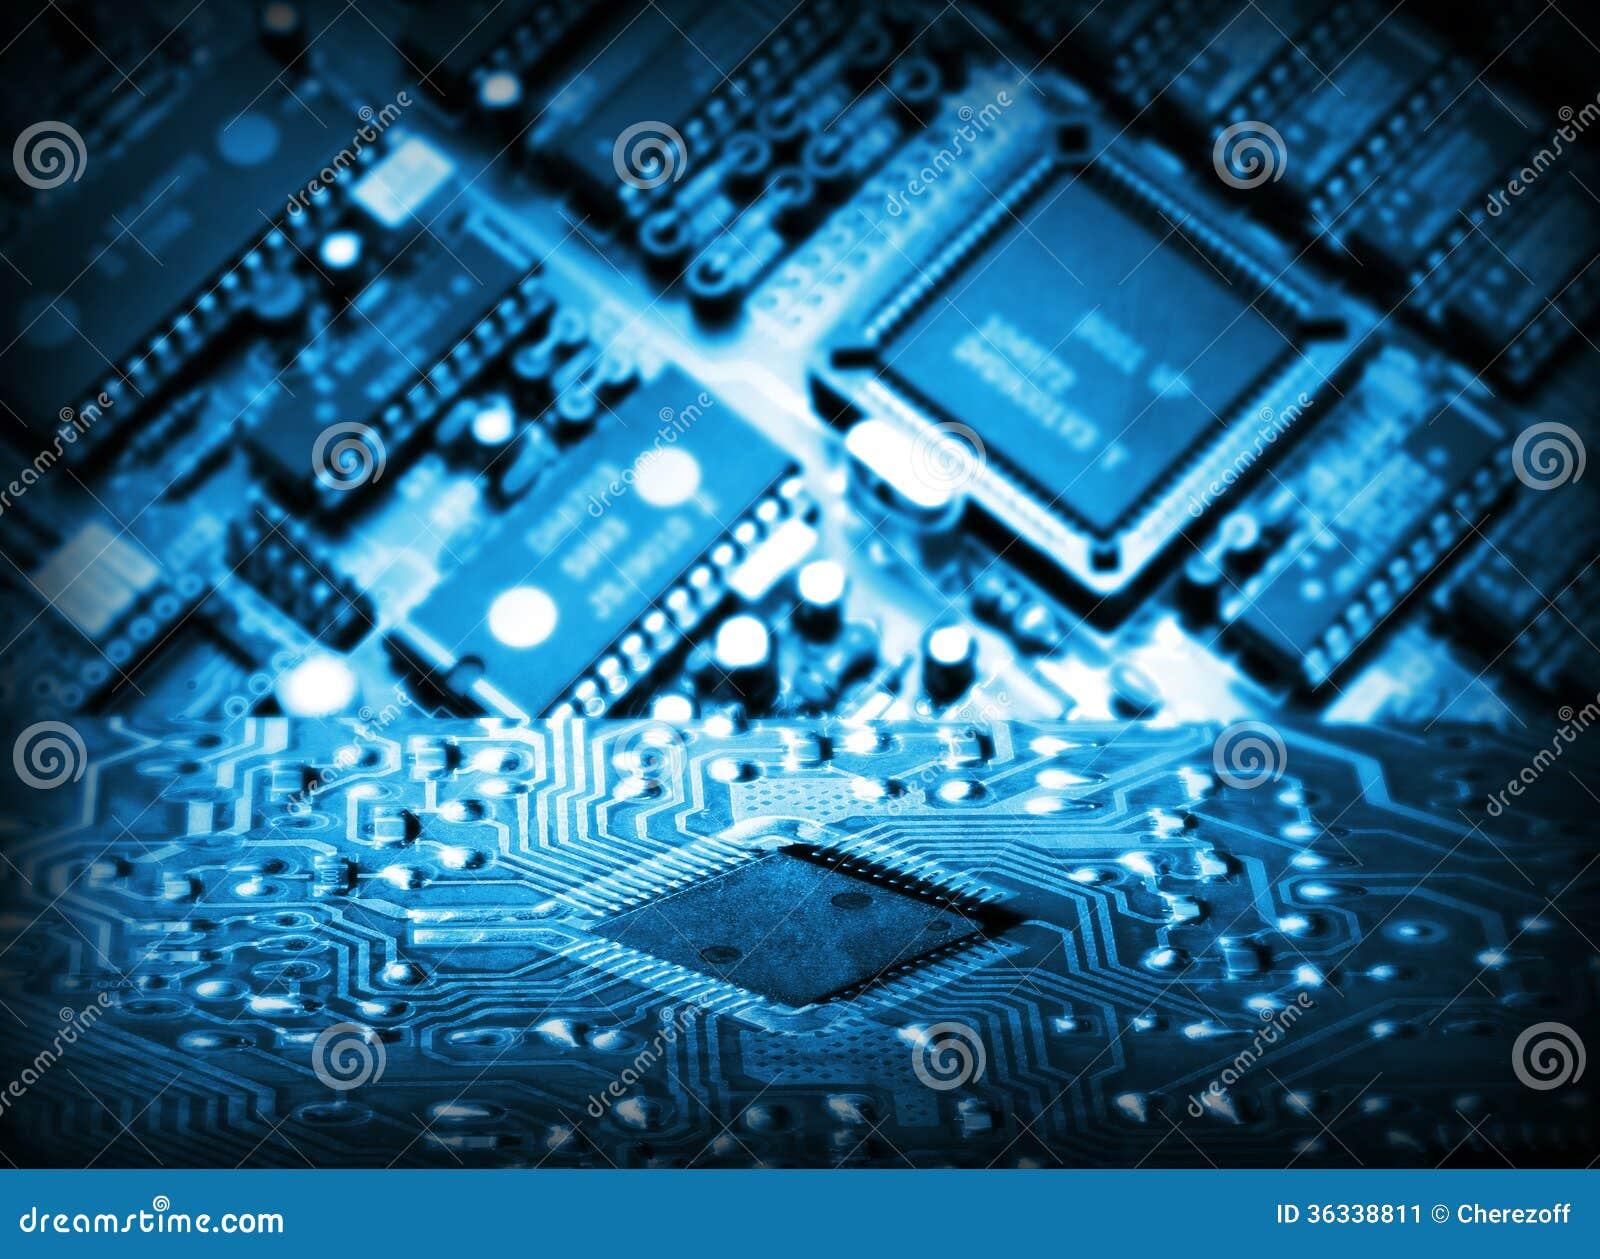 Circuito Integrado La78041 : Circuito integrado futurista imagen de archivo